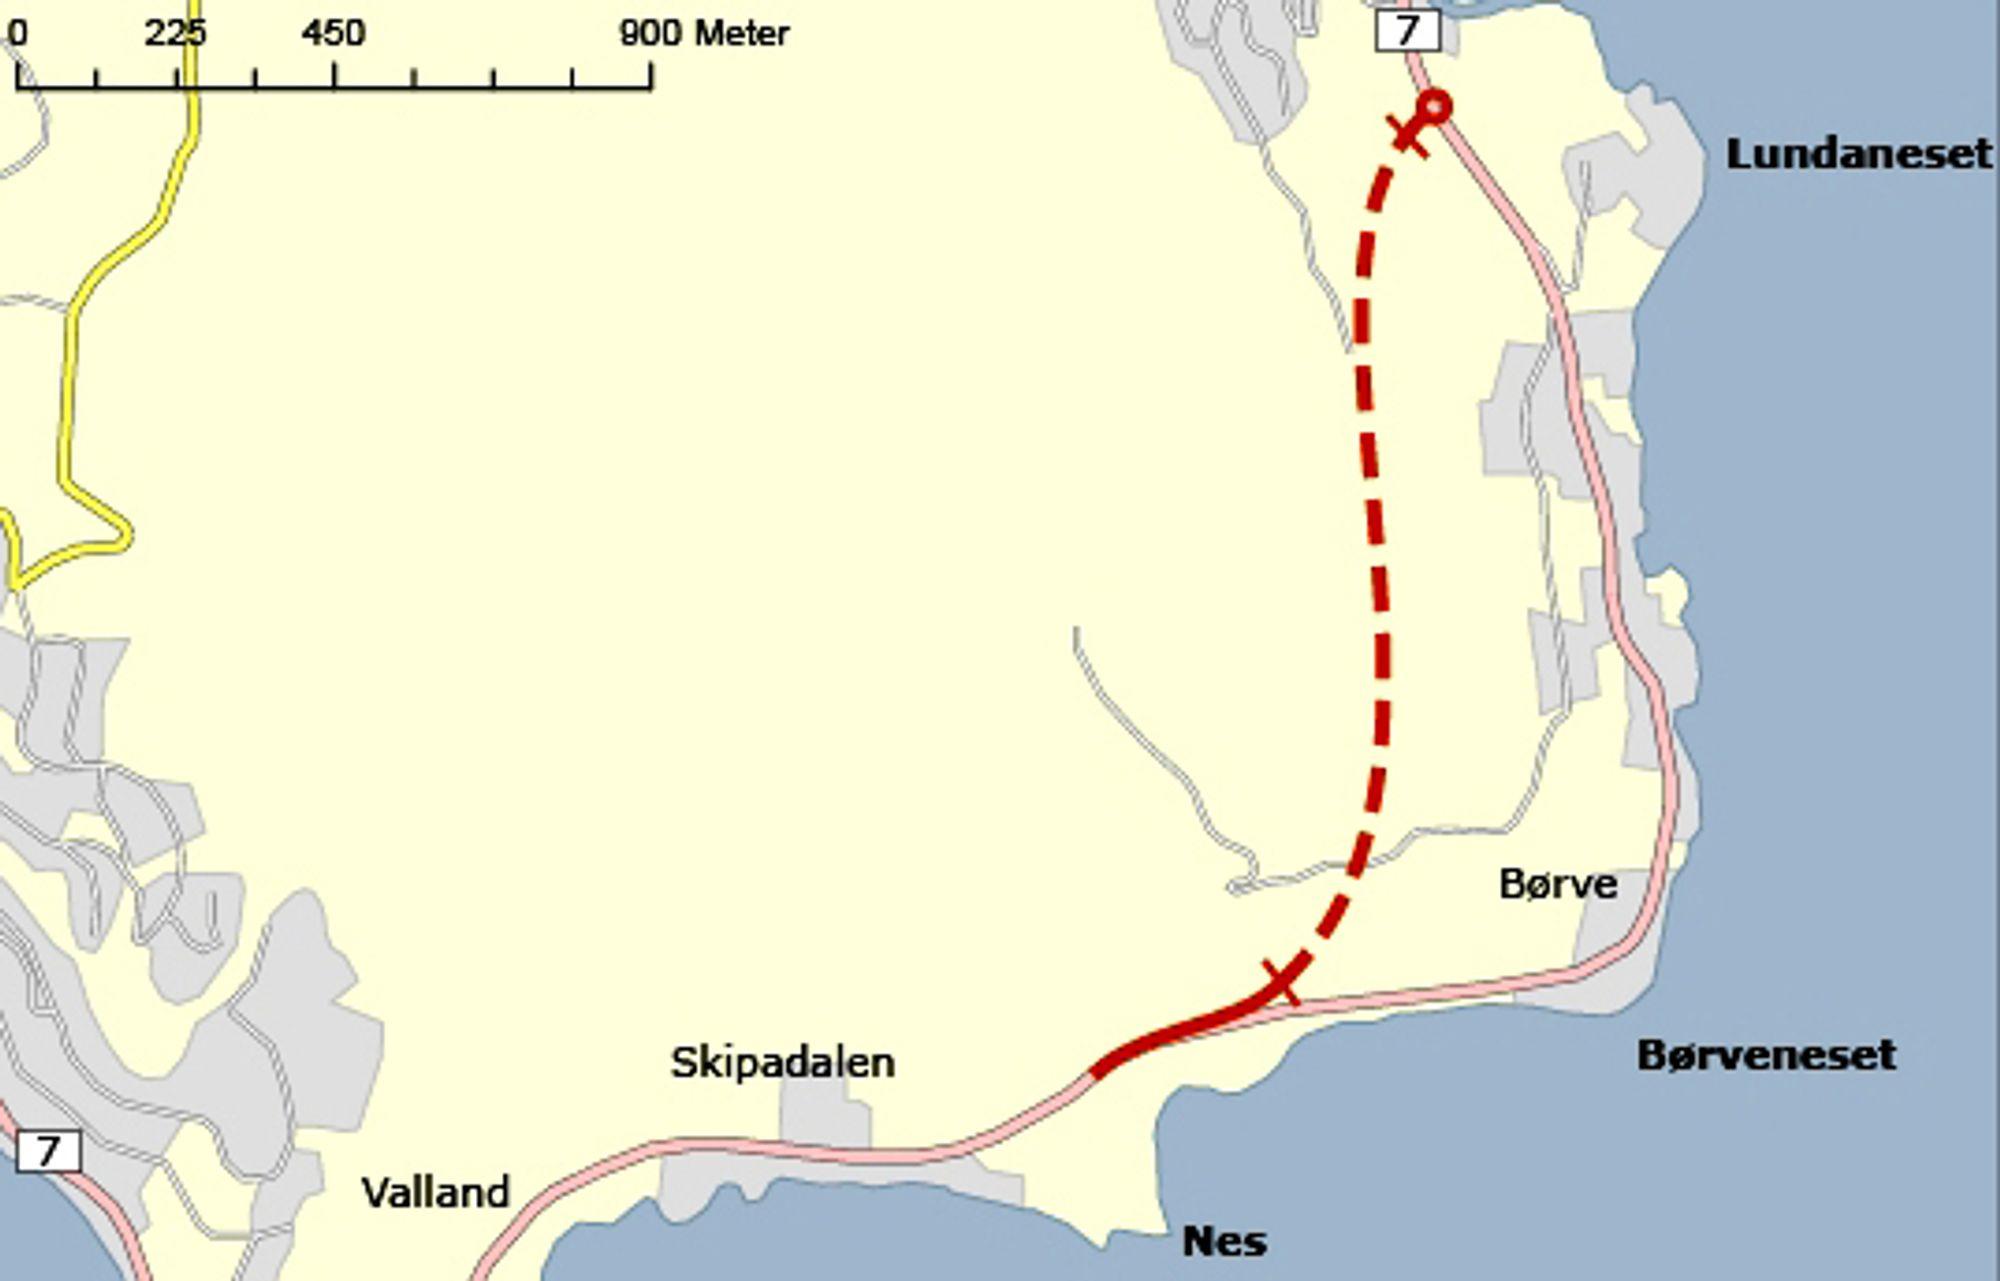 Fylkesveg 7 blir kortere enn nå når den nye vegen mellom Øystese og Nes blir ferdig neste år, men den viktigste grunnen til at vegen blir realisert, er den lave standarden på dagens veg.